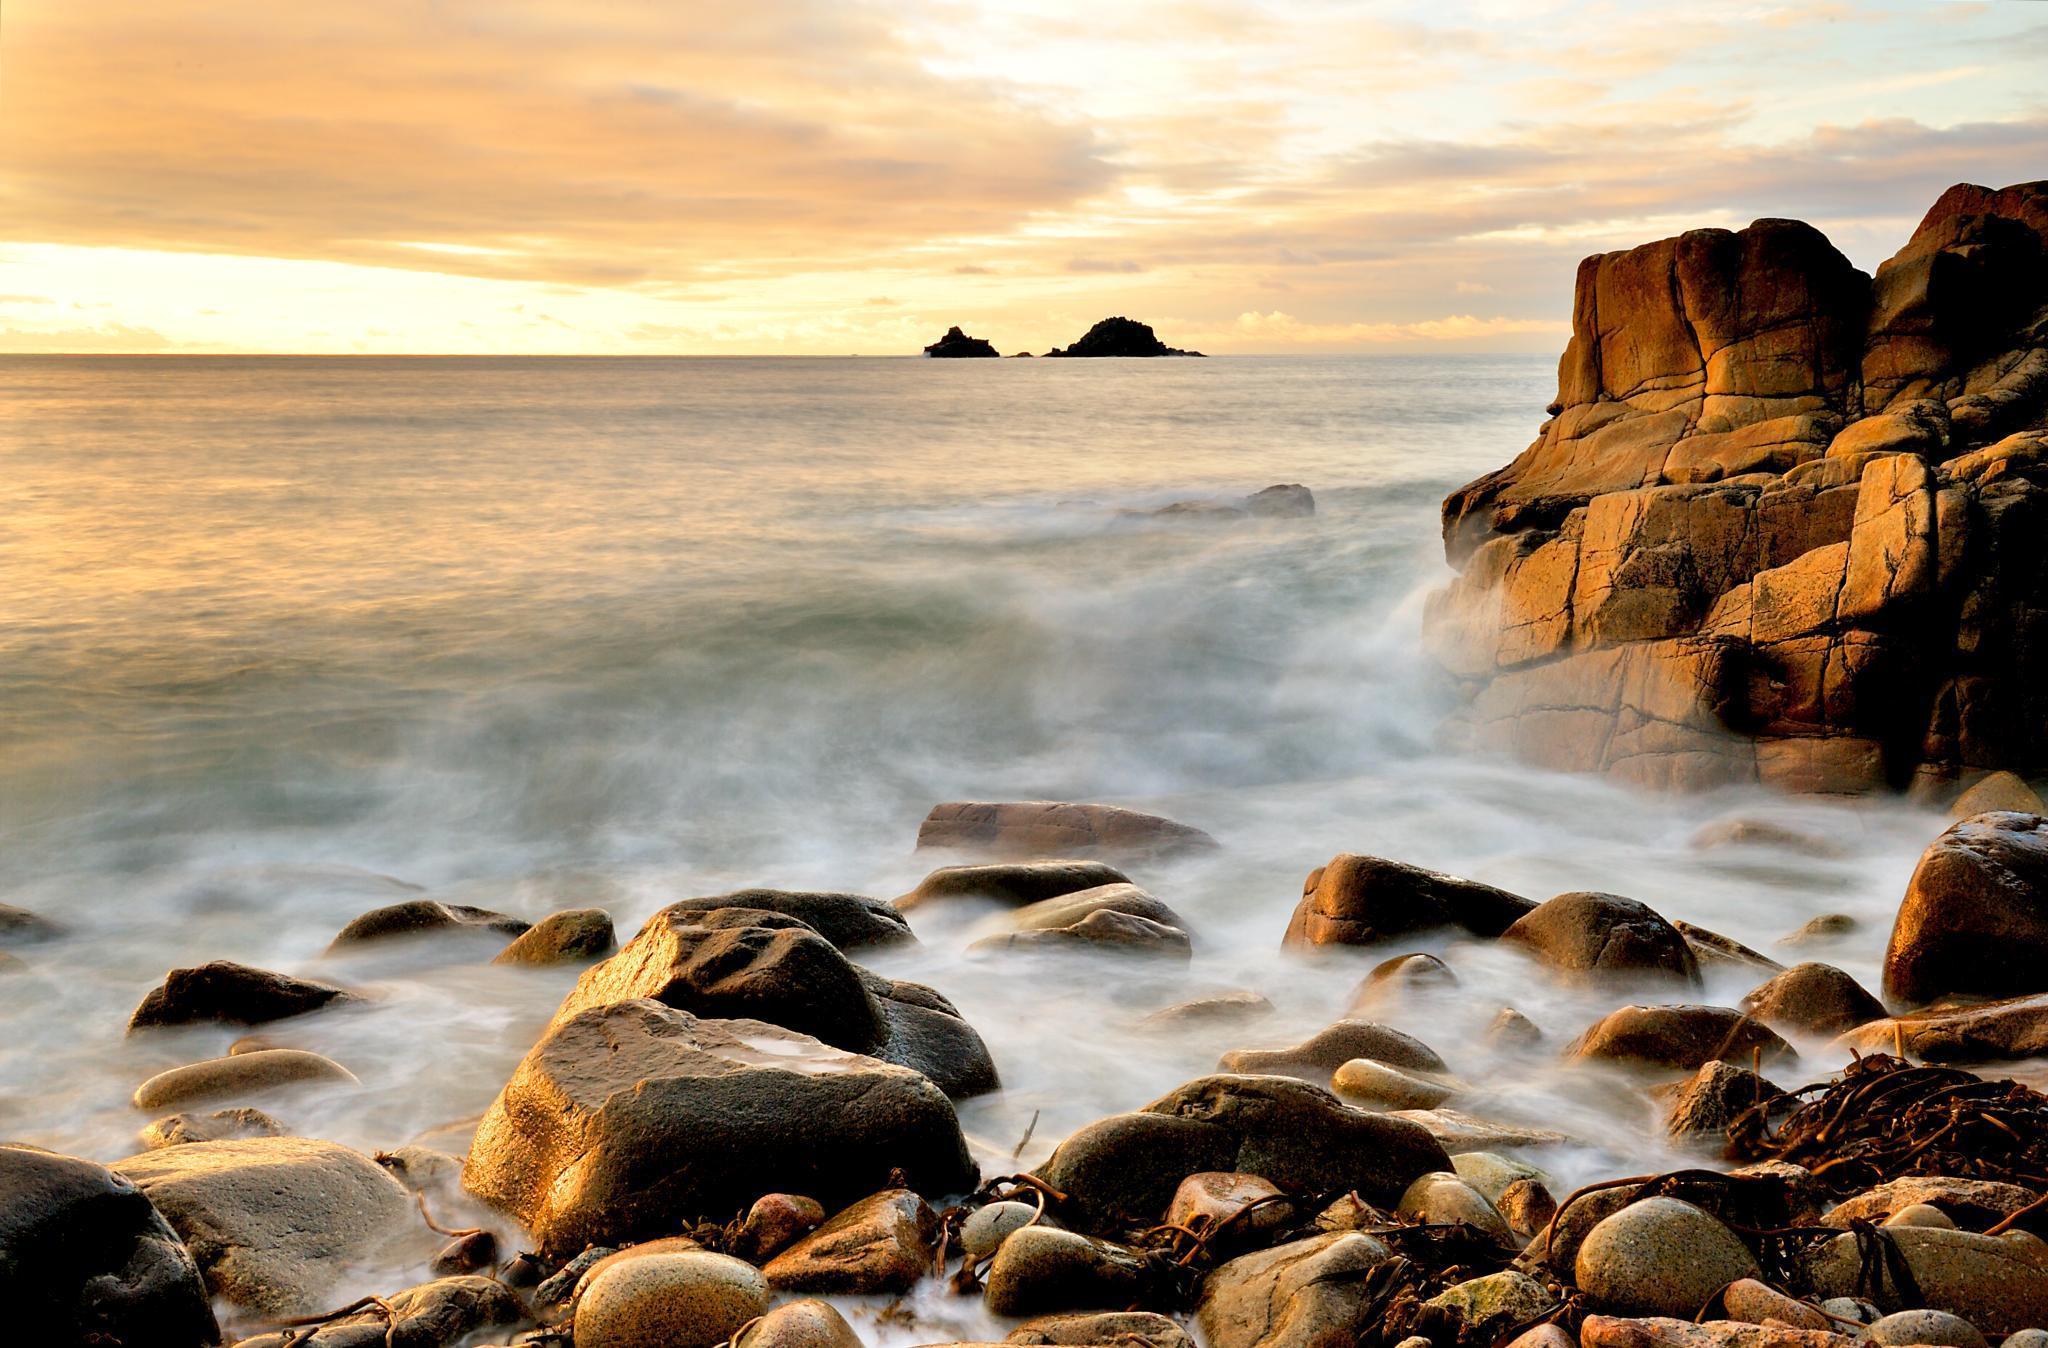 каменистый ландшафт прибой небо бесплатно